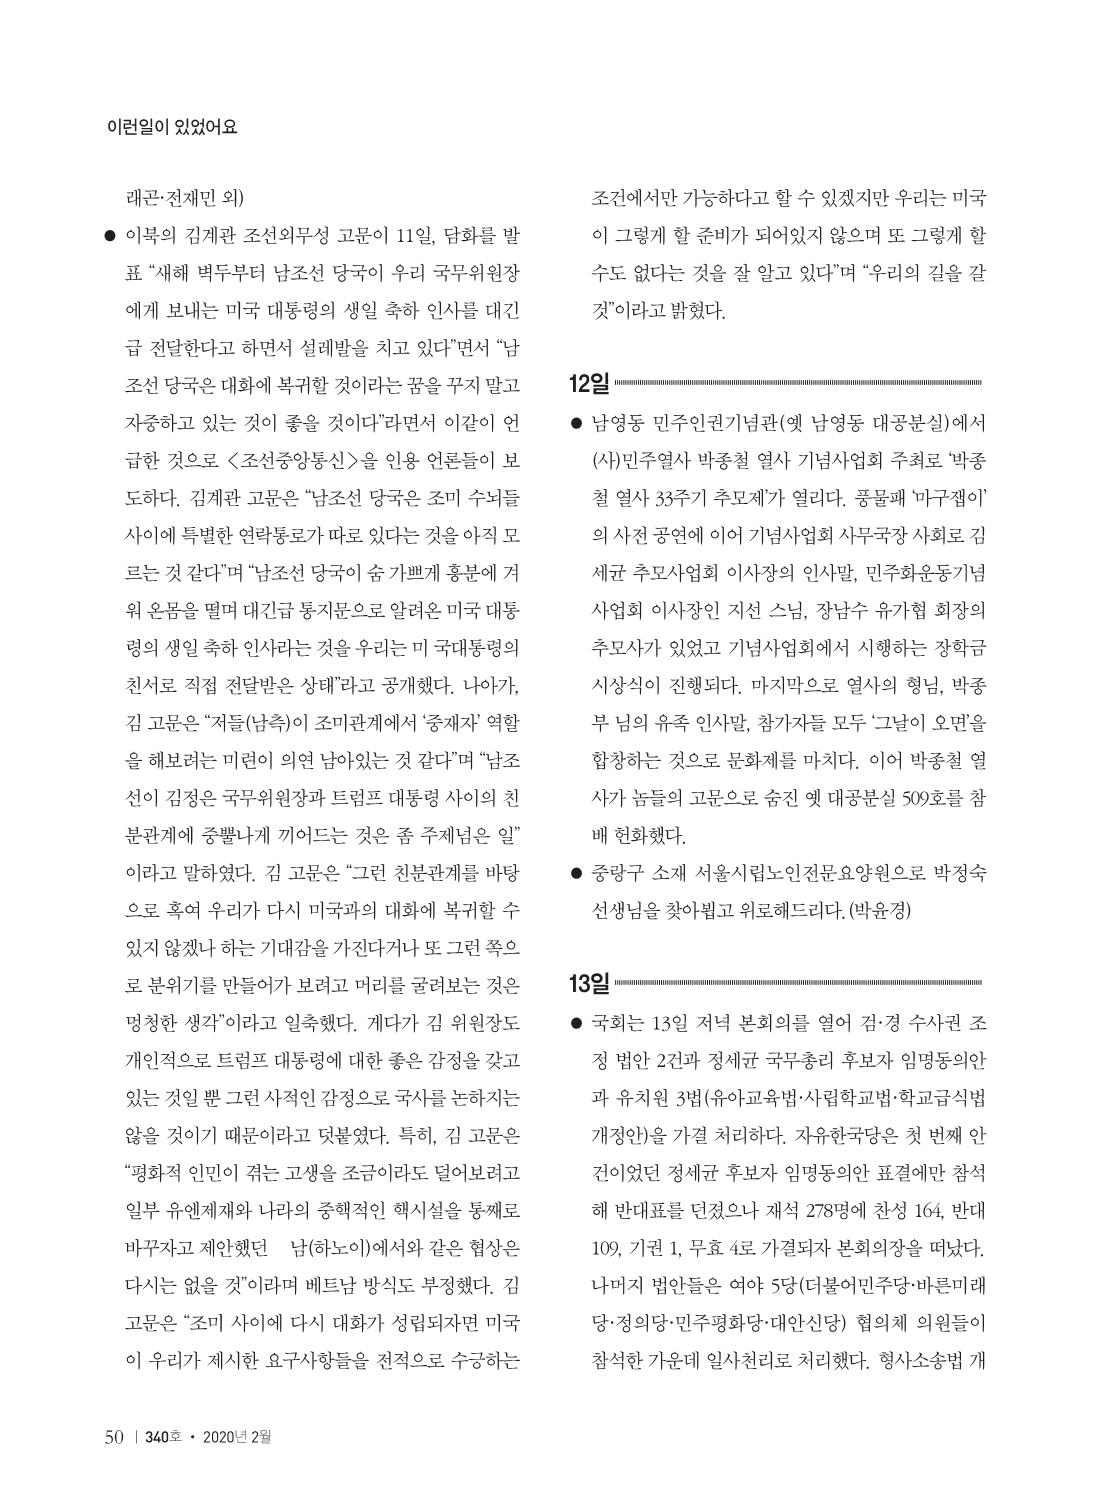 c3a550e7-2d95-46c0-bdec-64c56104ebf4.pdf-0052.png